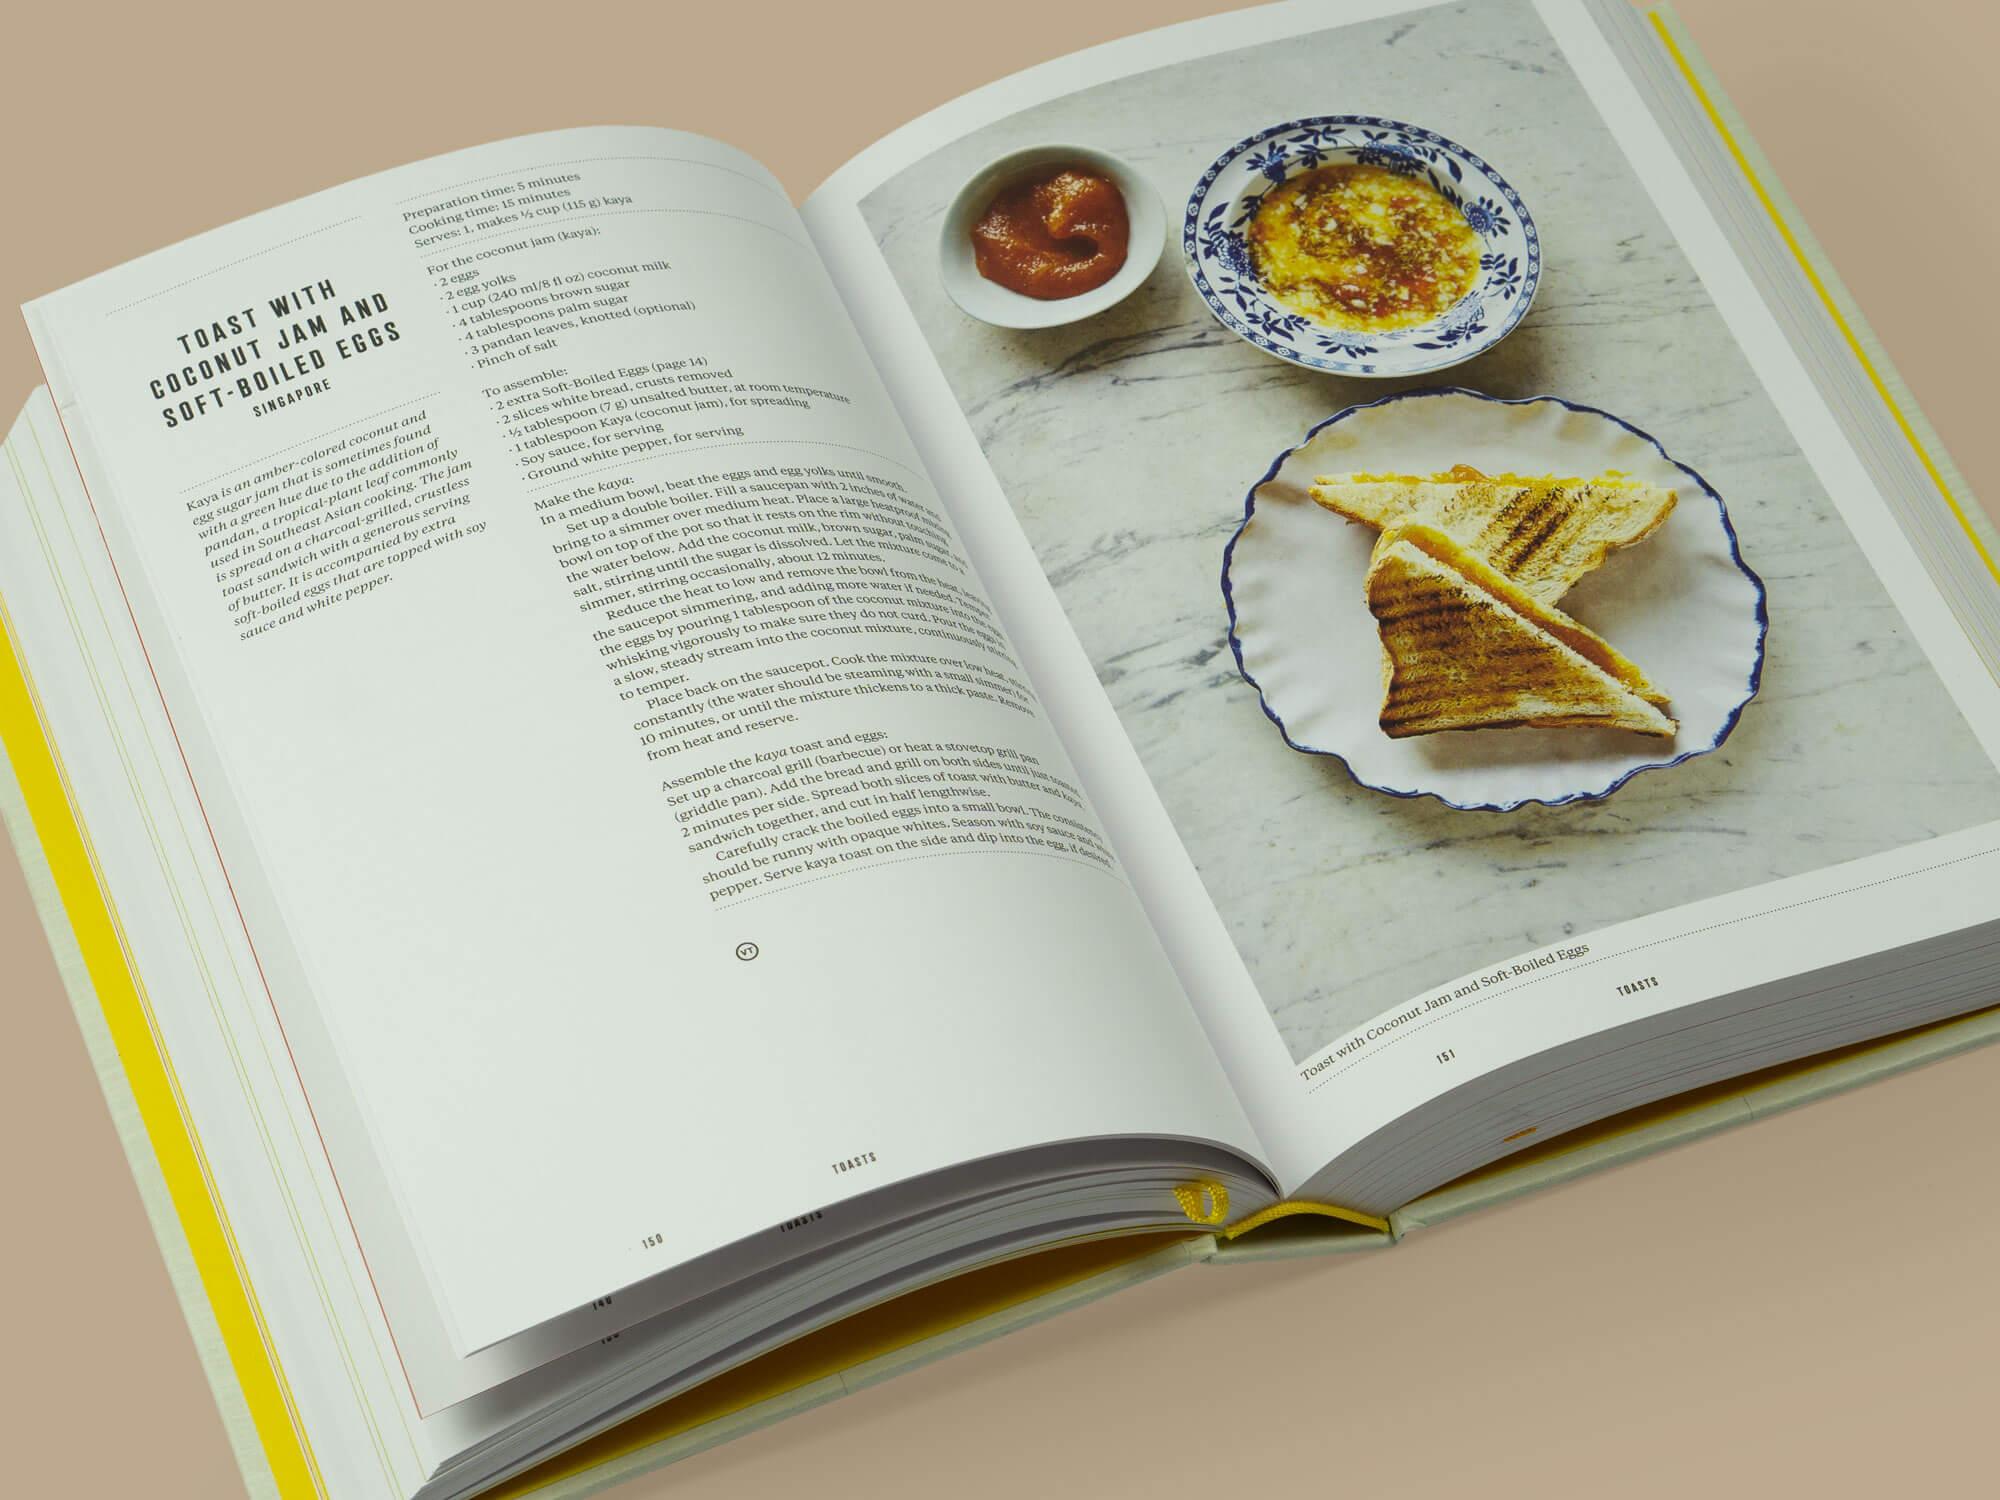 Breakfast knyga